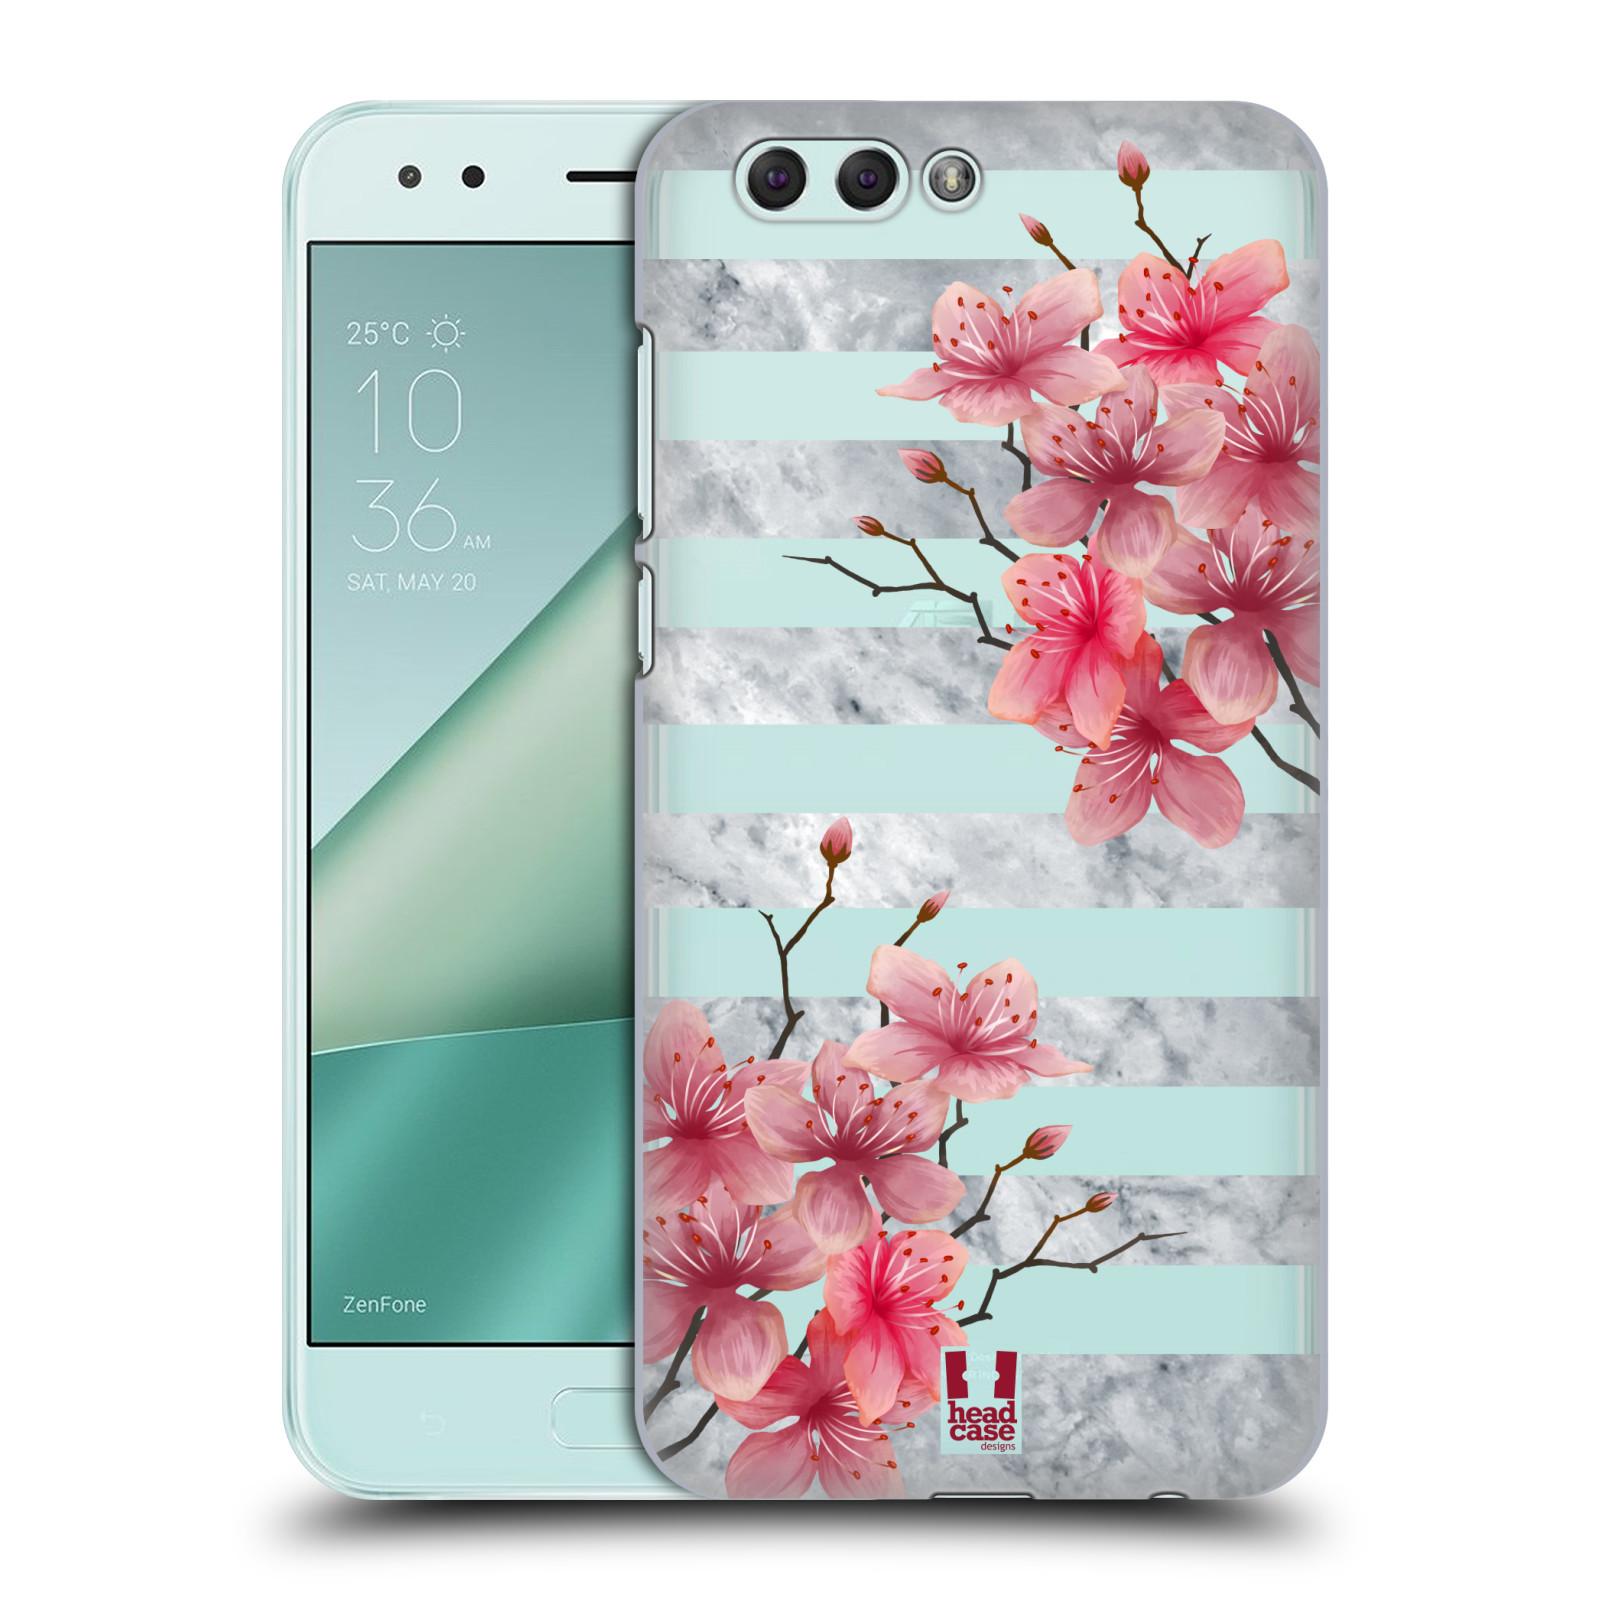 HEAD CASE plastový obal na mobil Asus Zenfone 4 ZE554KL růžové květy v rozkvětu a mramor